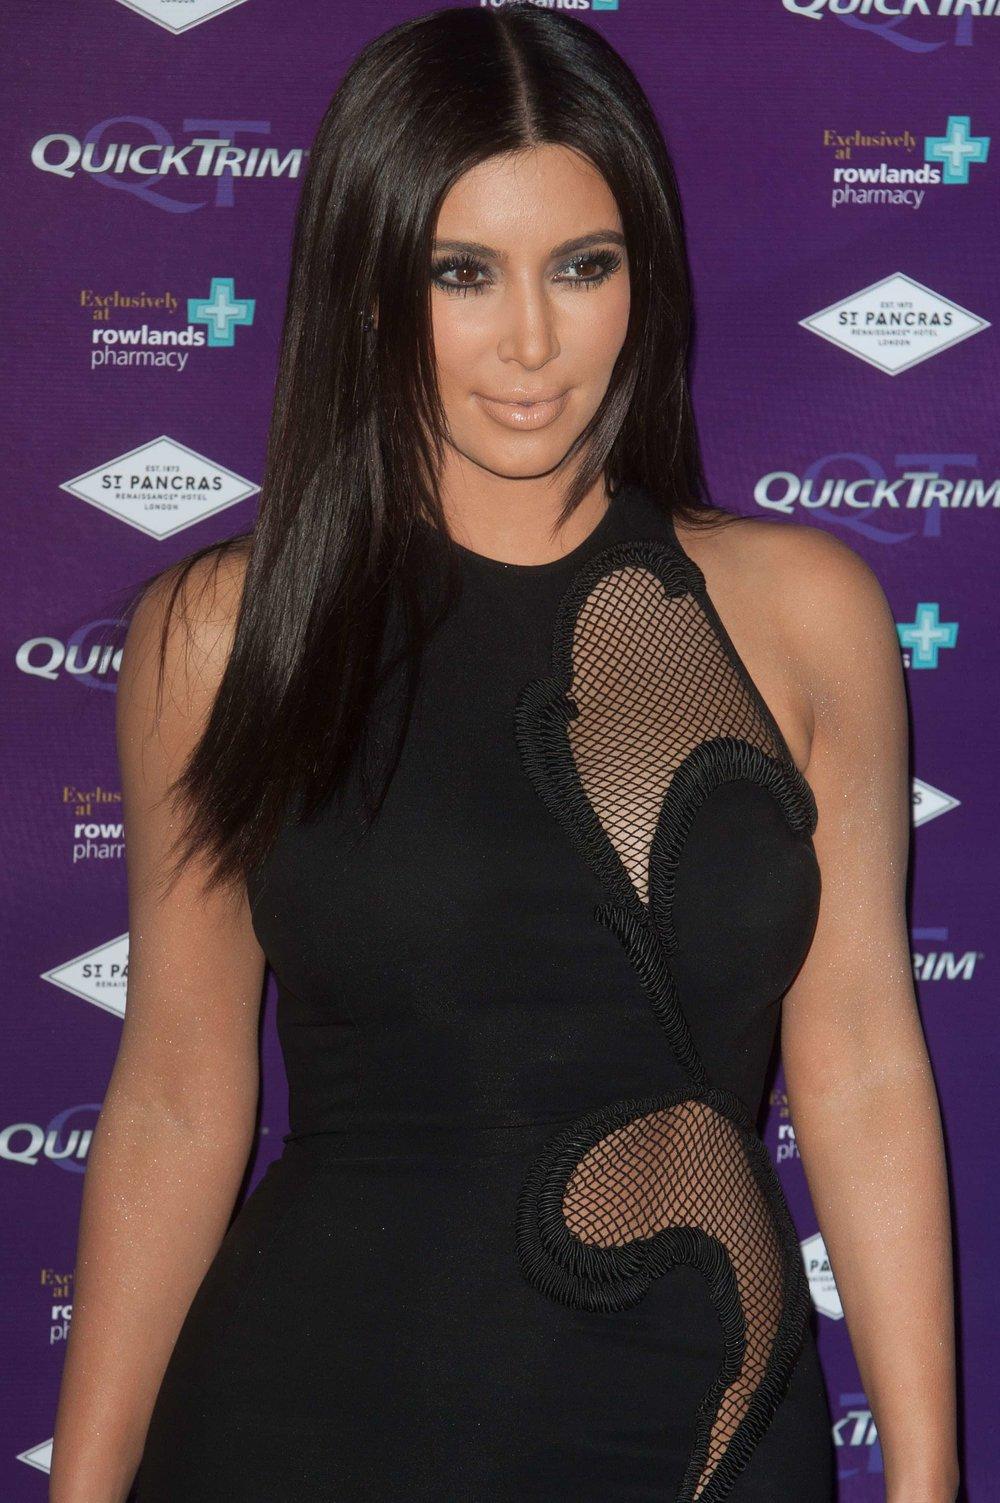 Kim-Kardashian-LMK-067462-big.jpg